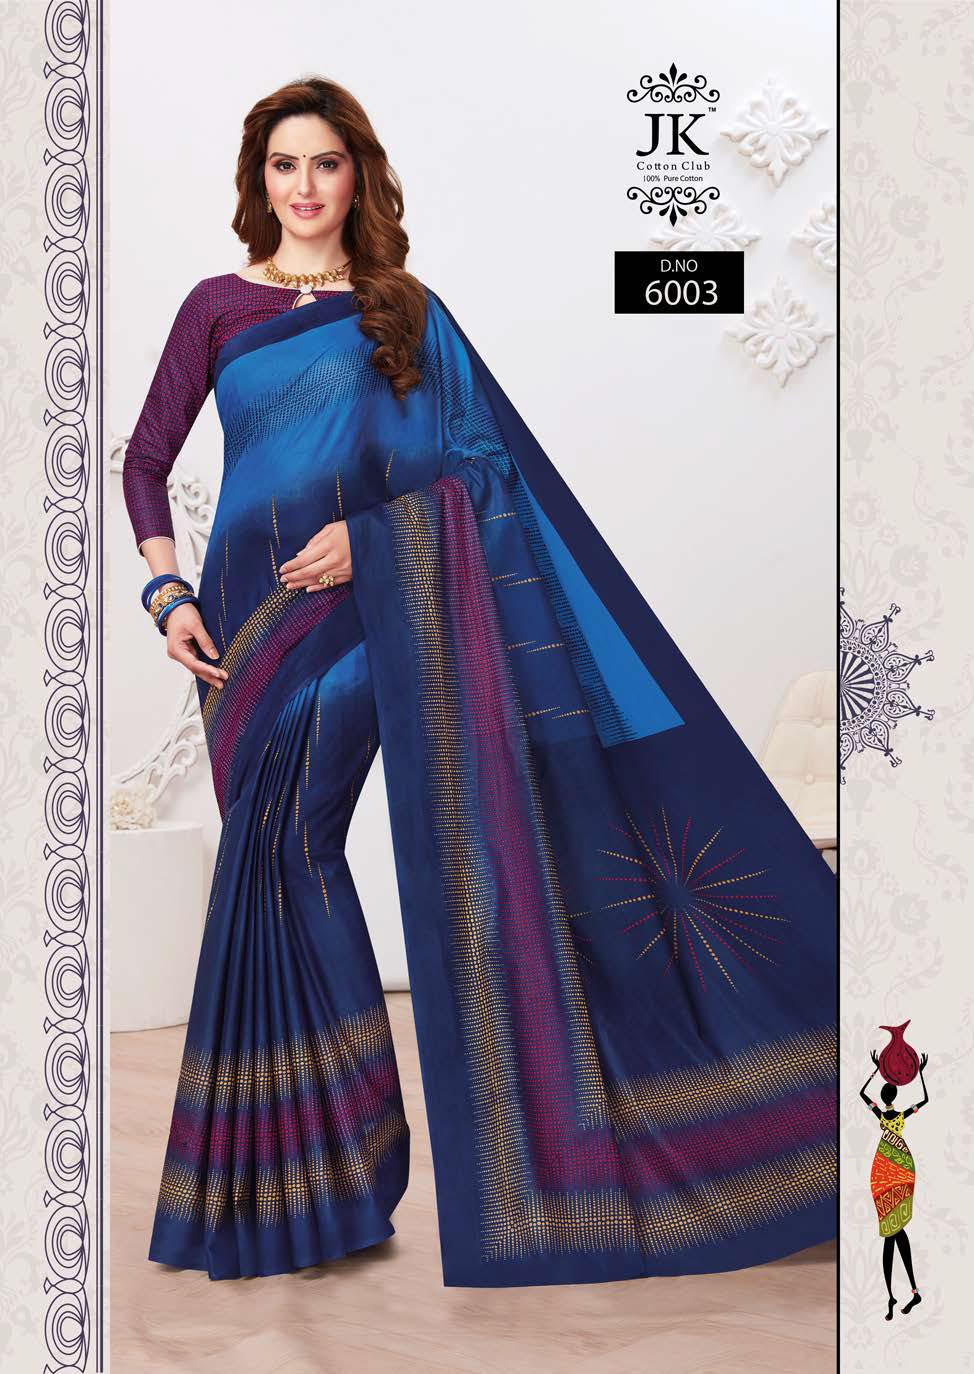 JK Tulsi Vol 6 A Saree Sari Wholesale Catalog 10 Pcs 2 - JK Tulsi Vol 6 A Saree Sari Wholesale Catalog 10 Pcs